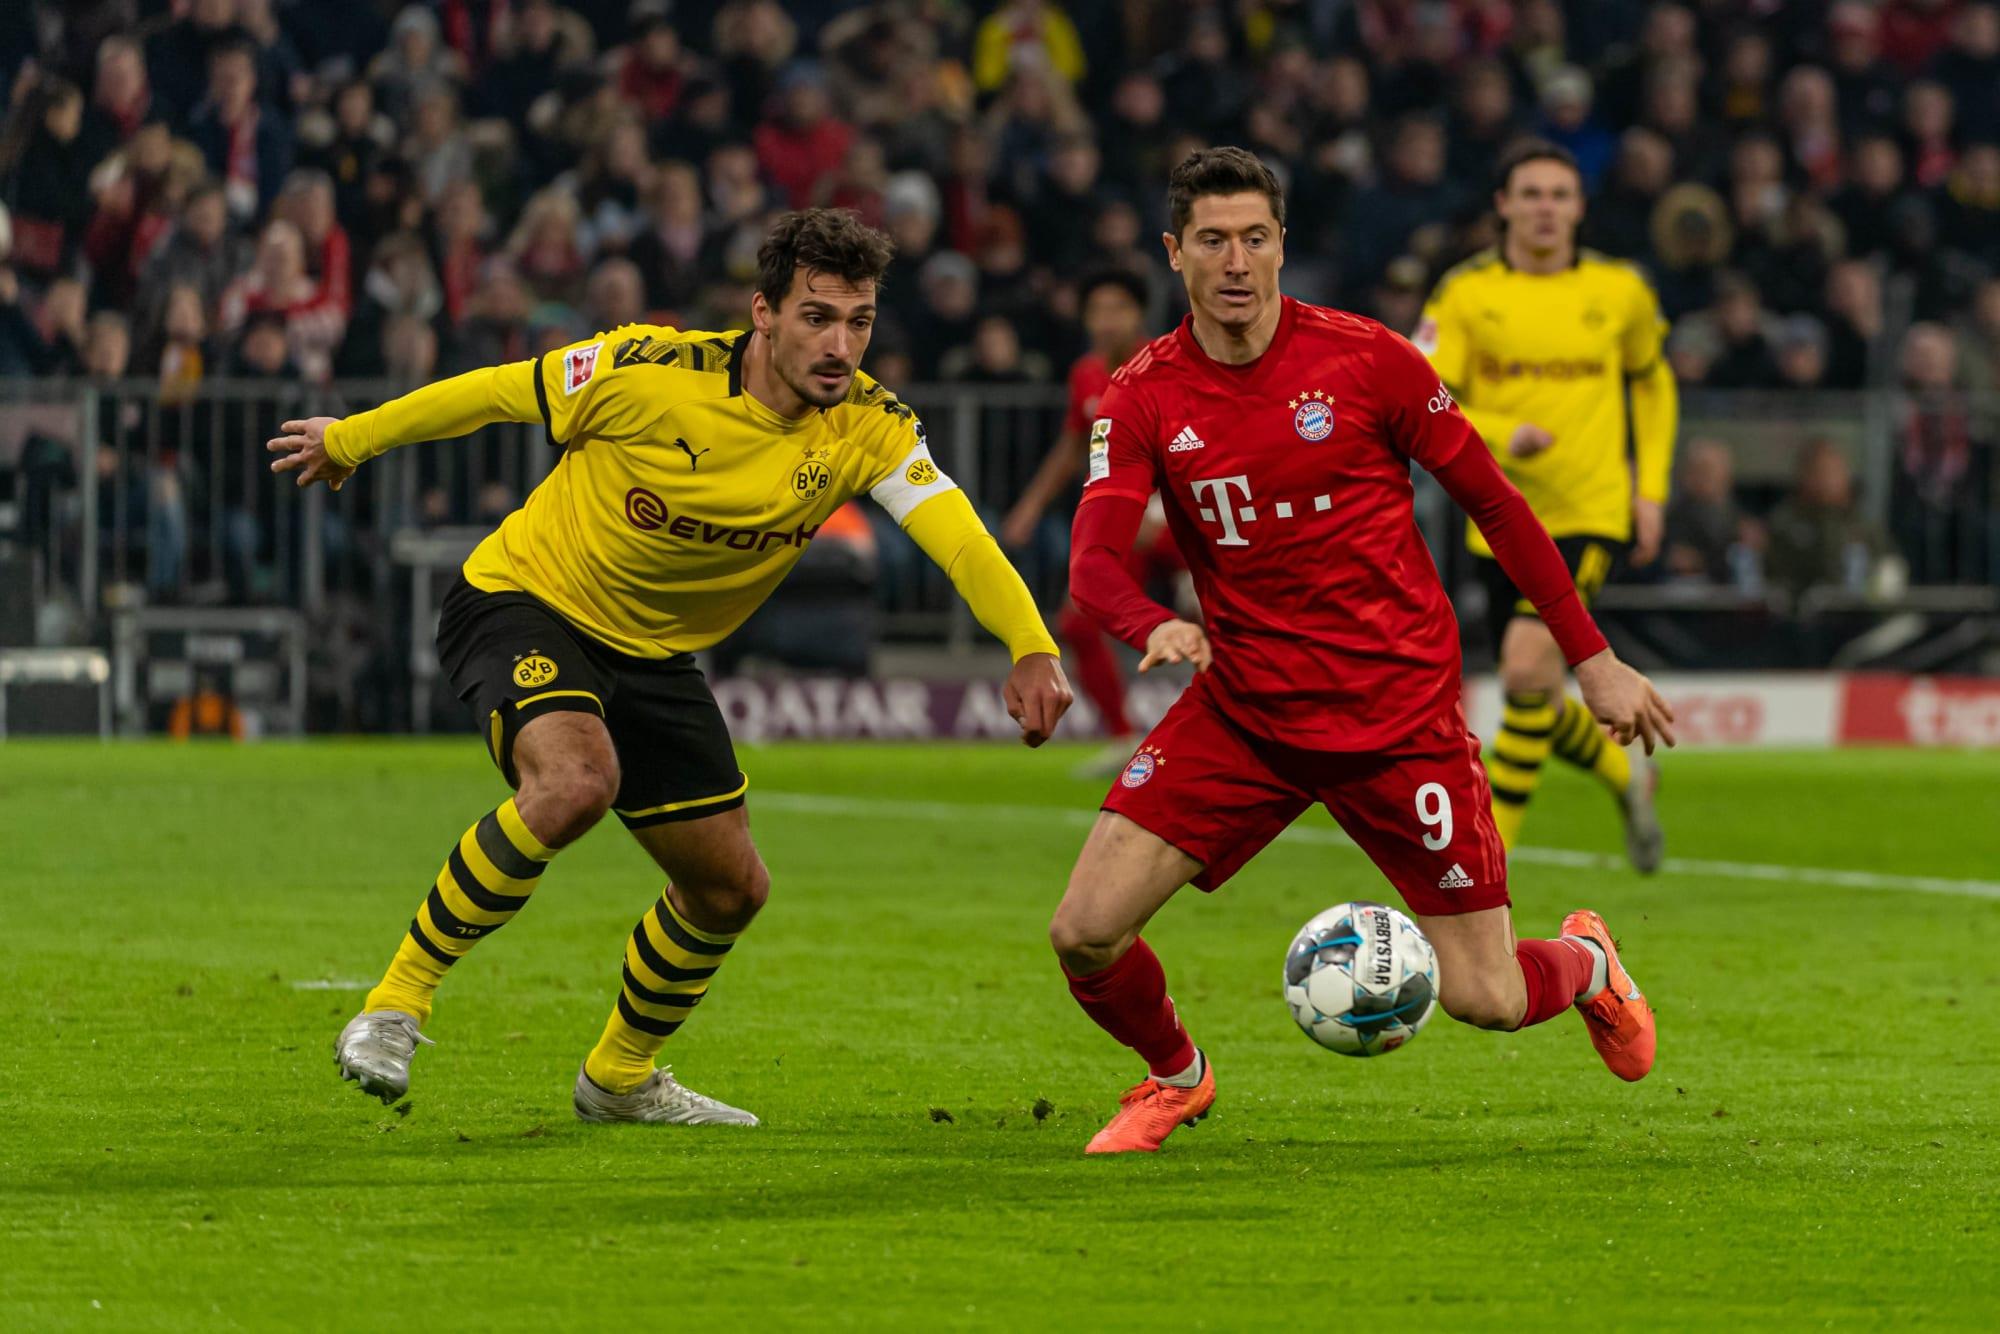 MГјnchen Vs Dortmund